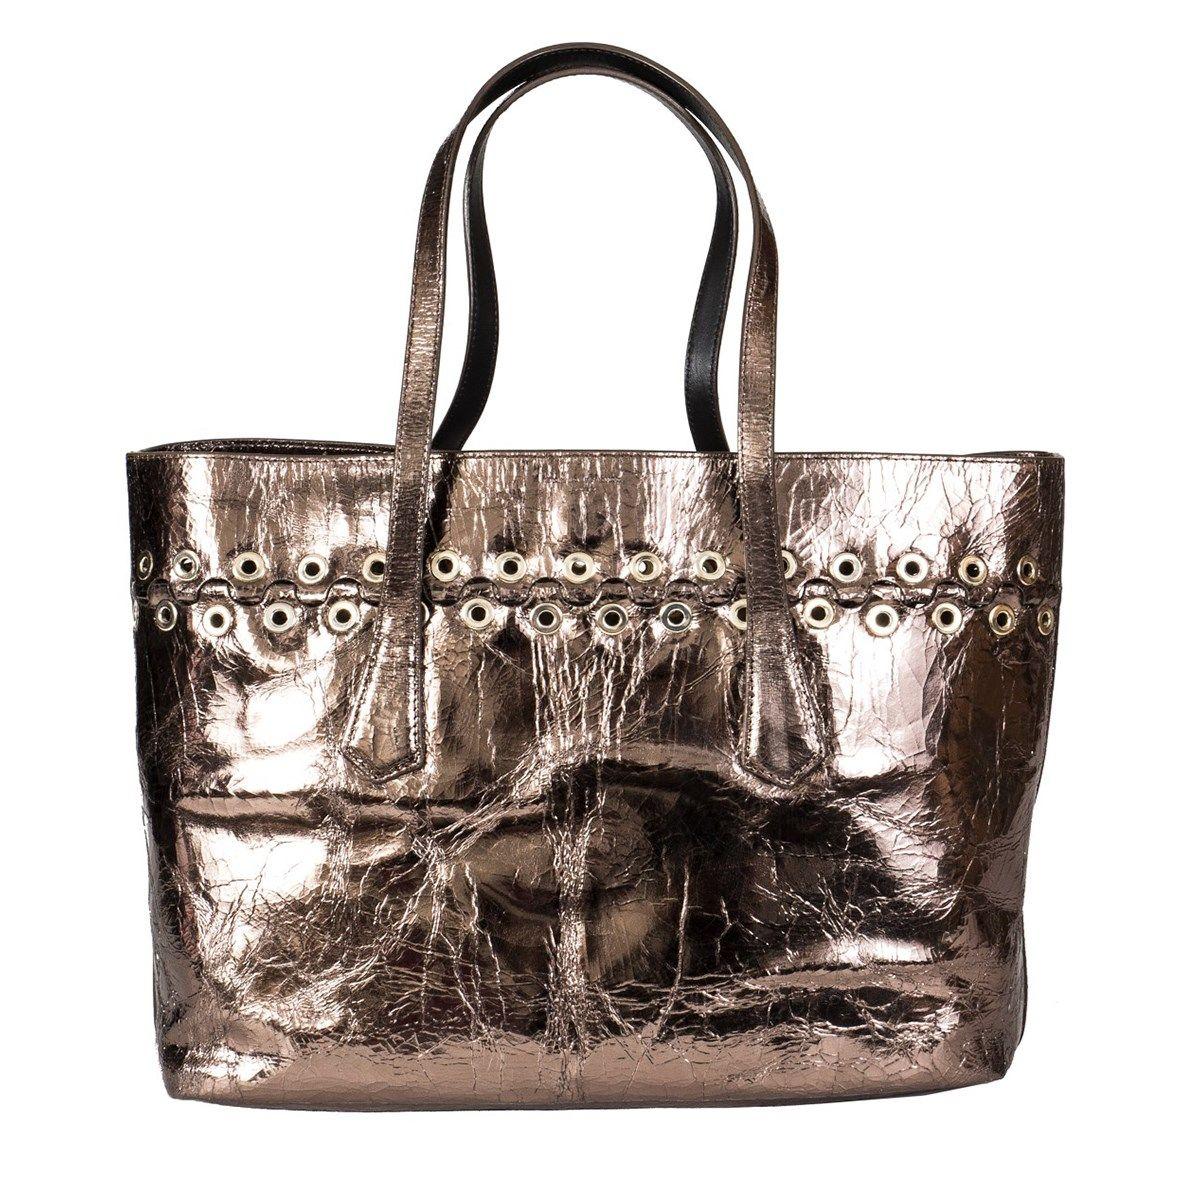 Laminated Leather Shopping Bag